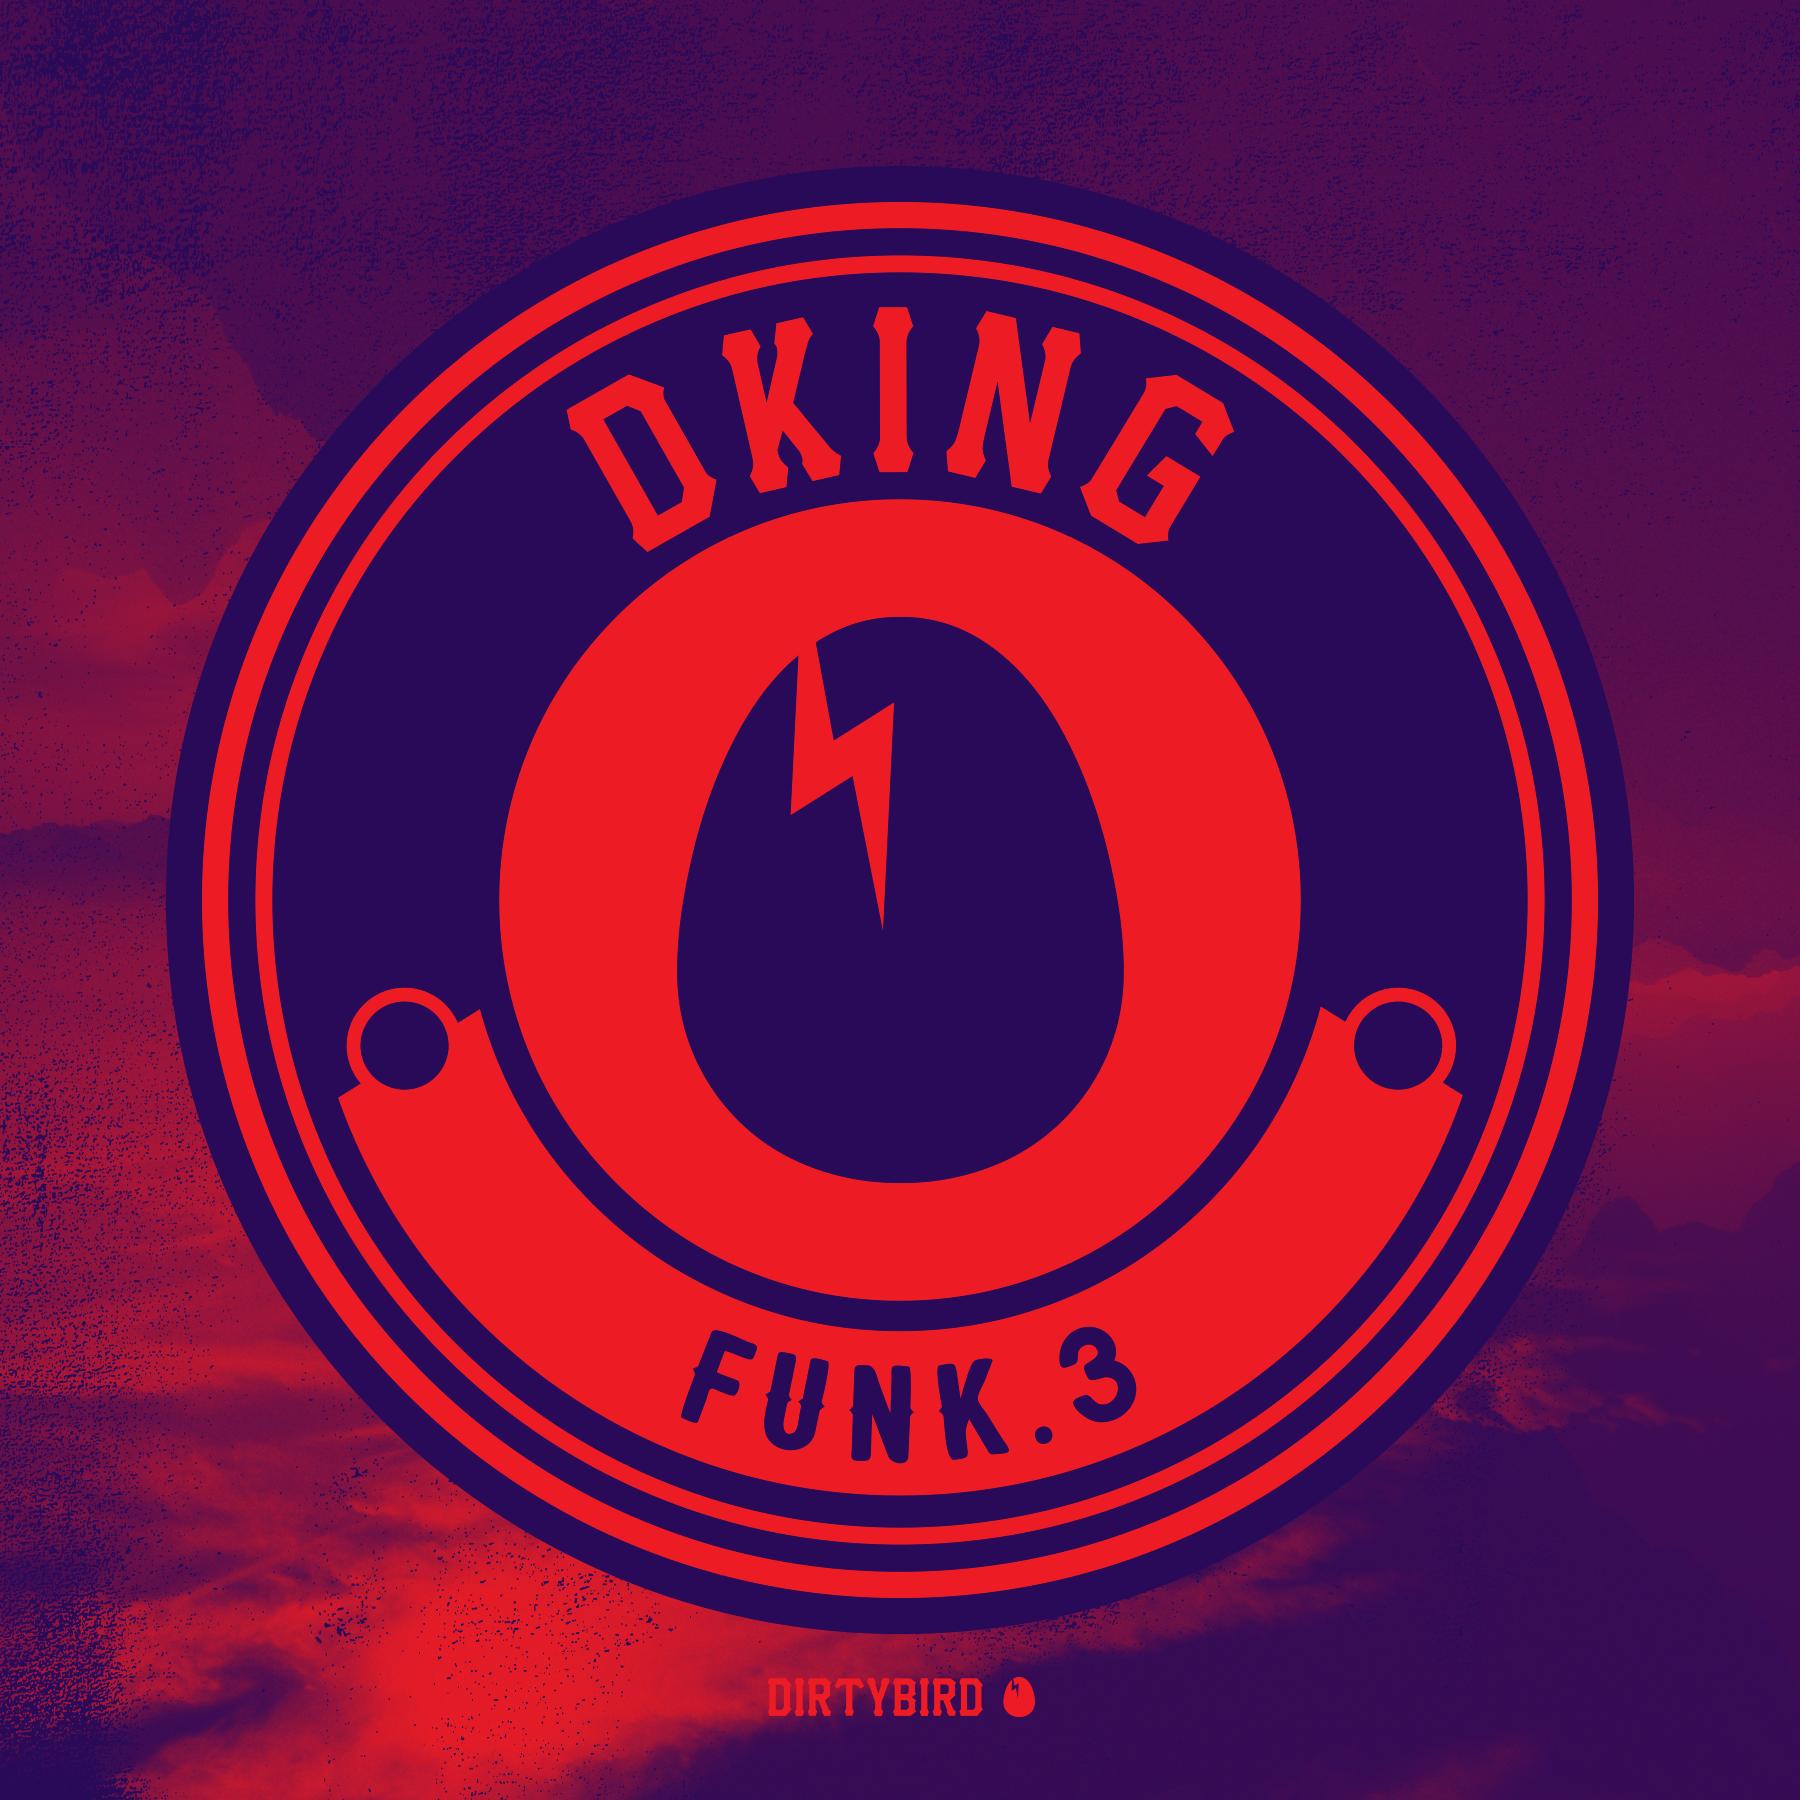 Birdfeed dking funk3